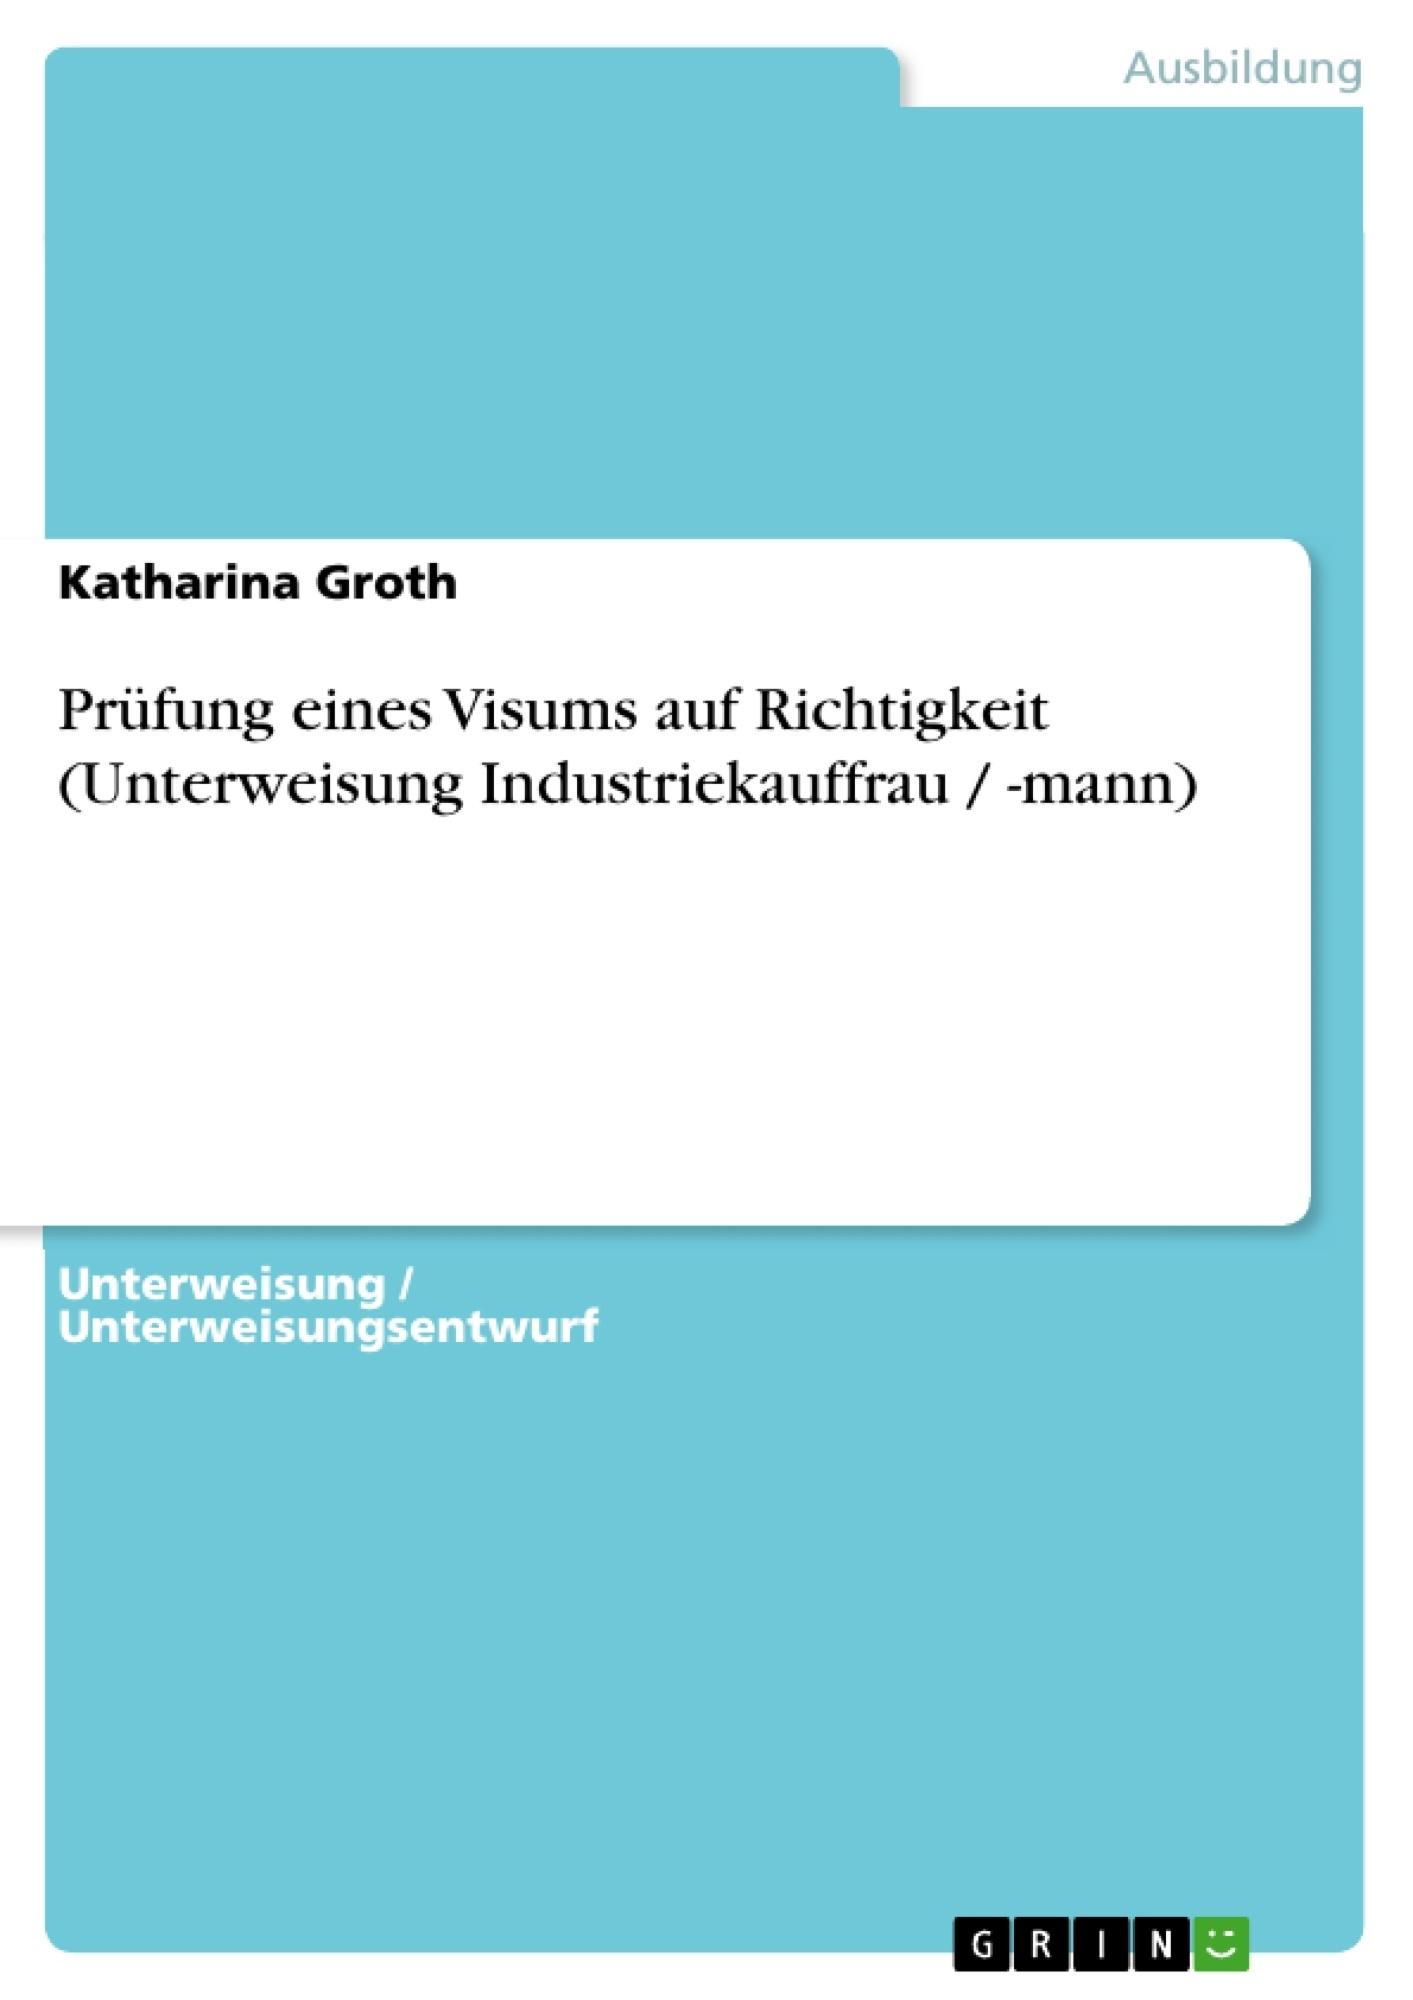 Titel: Prüfung eines Visums auf Richtigkeit (Unterweisung Industriekauffrau / -mann)